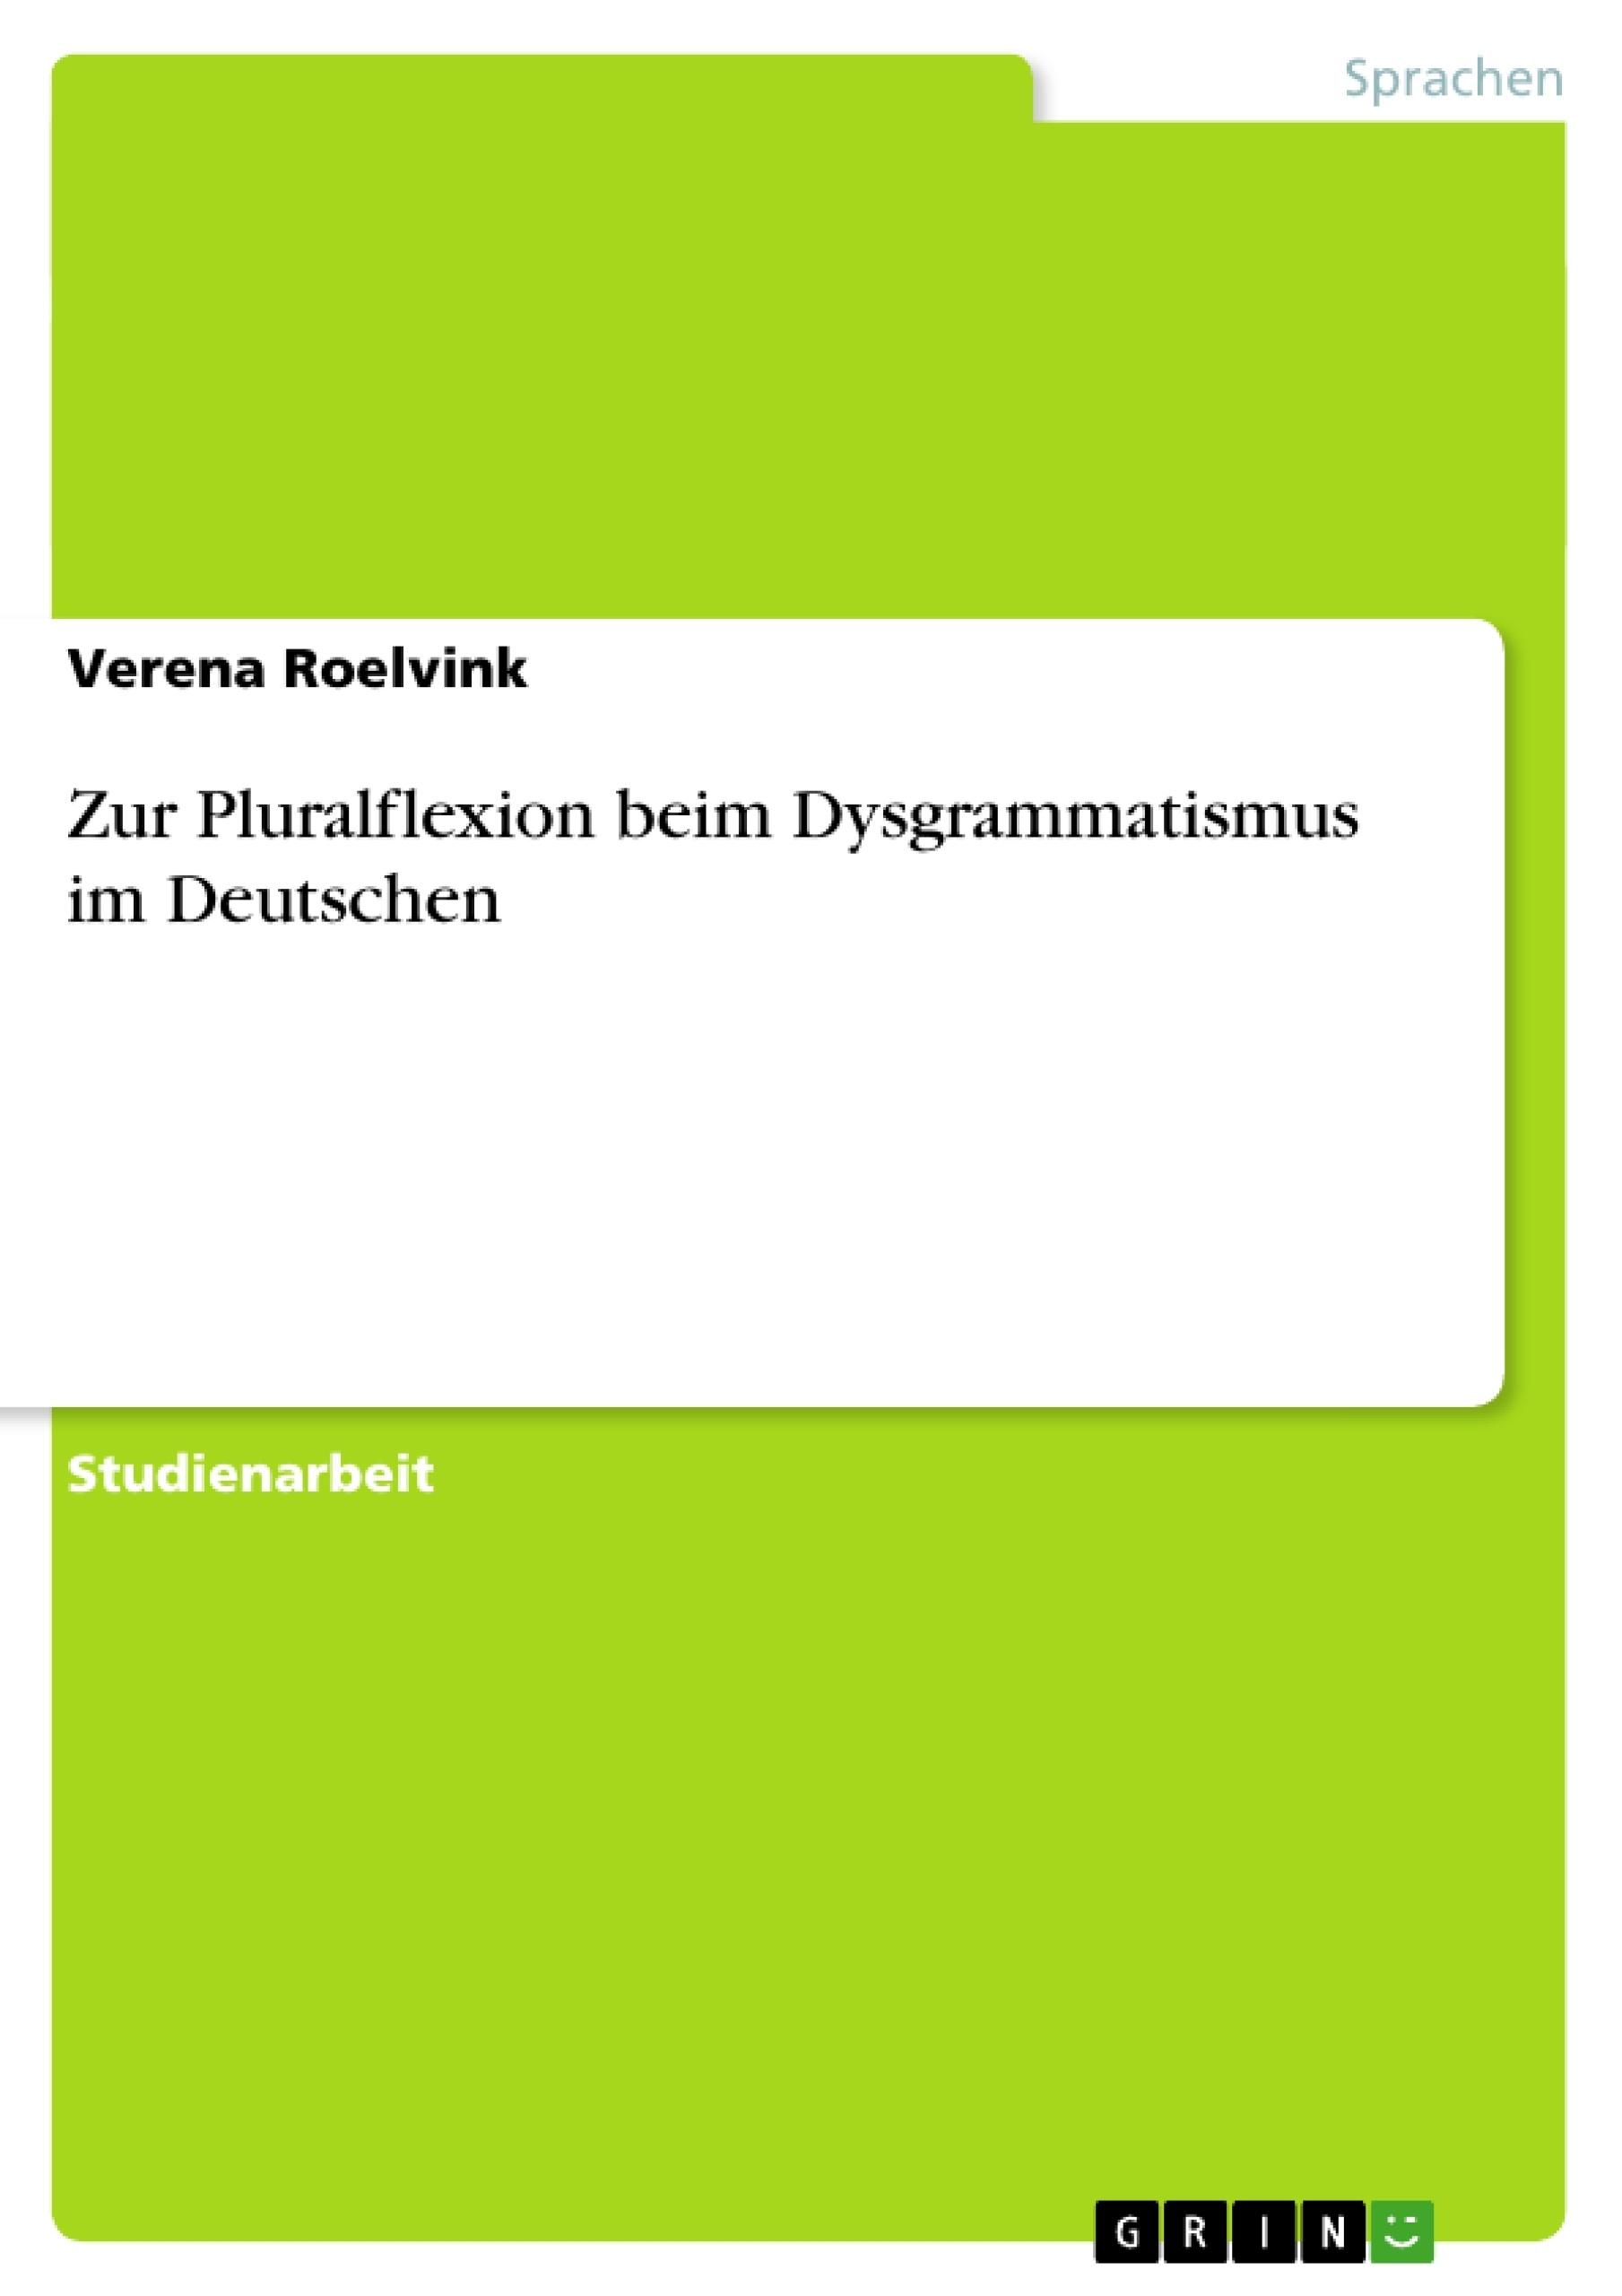 Titel: Zur Pluralflexion beim Dysgrammatismus im Deutschen